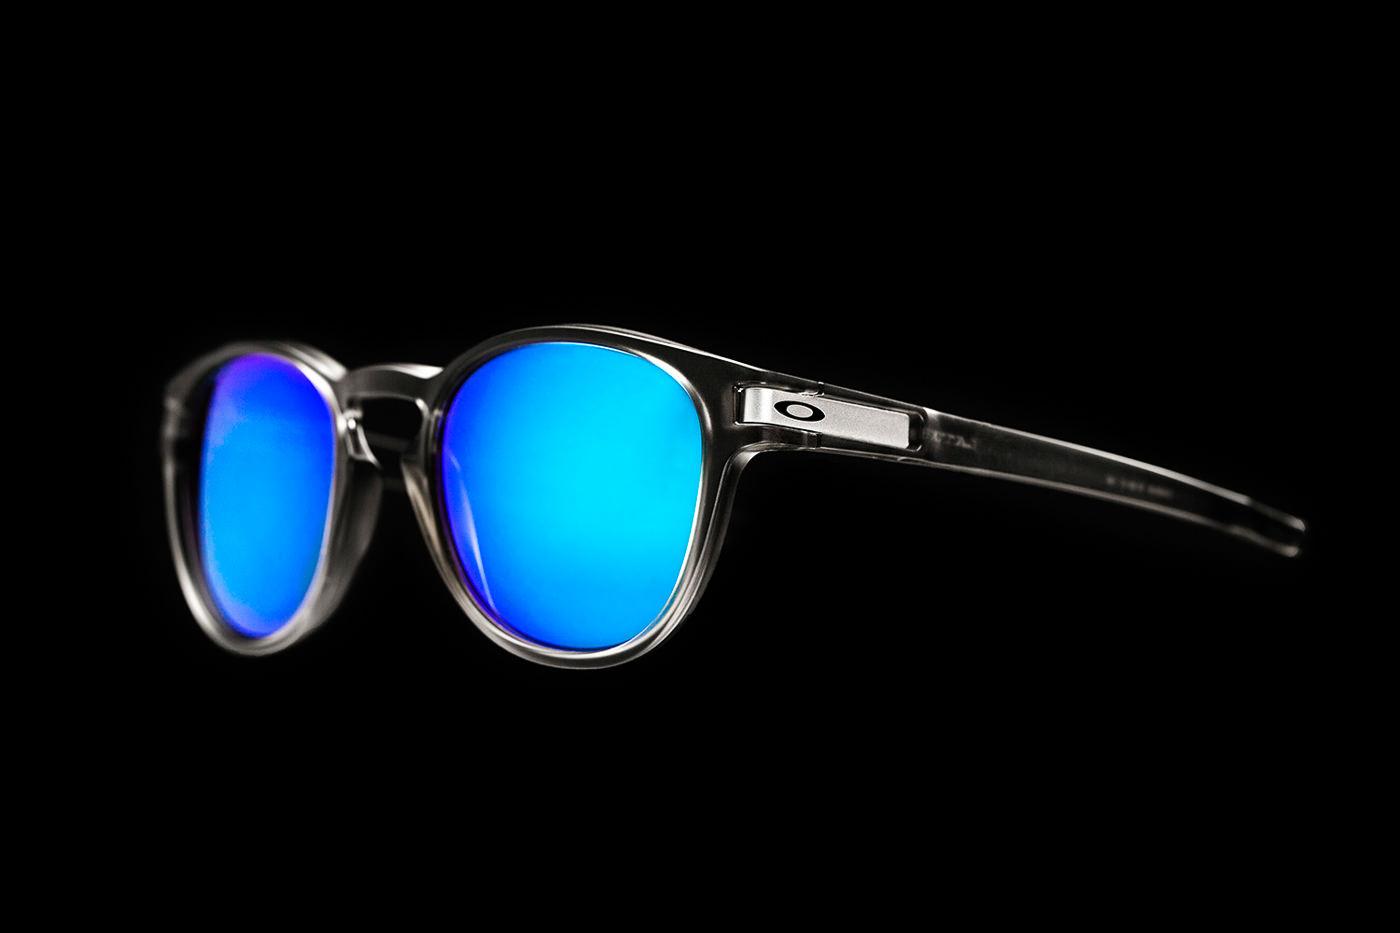 lunette Oakley teinte bleu sur noir